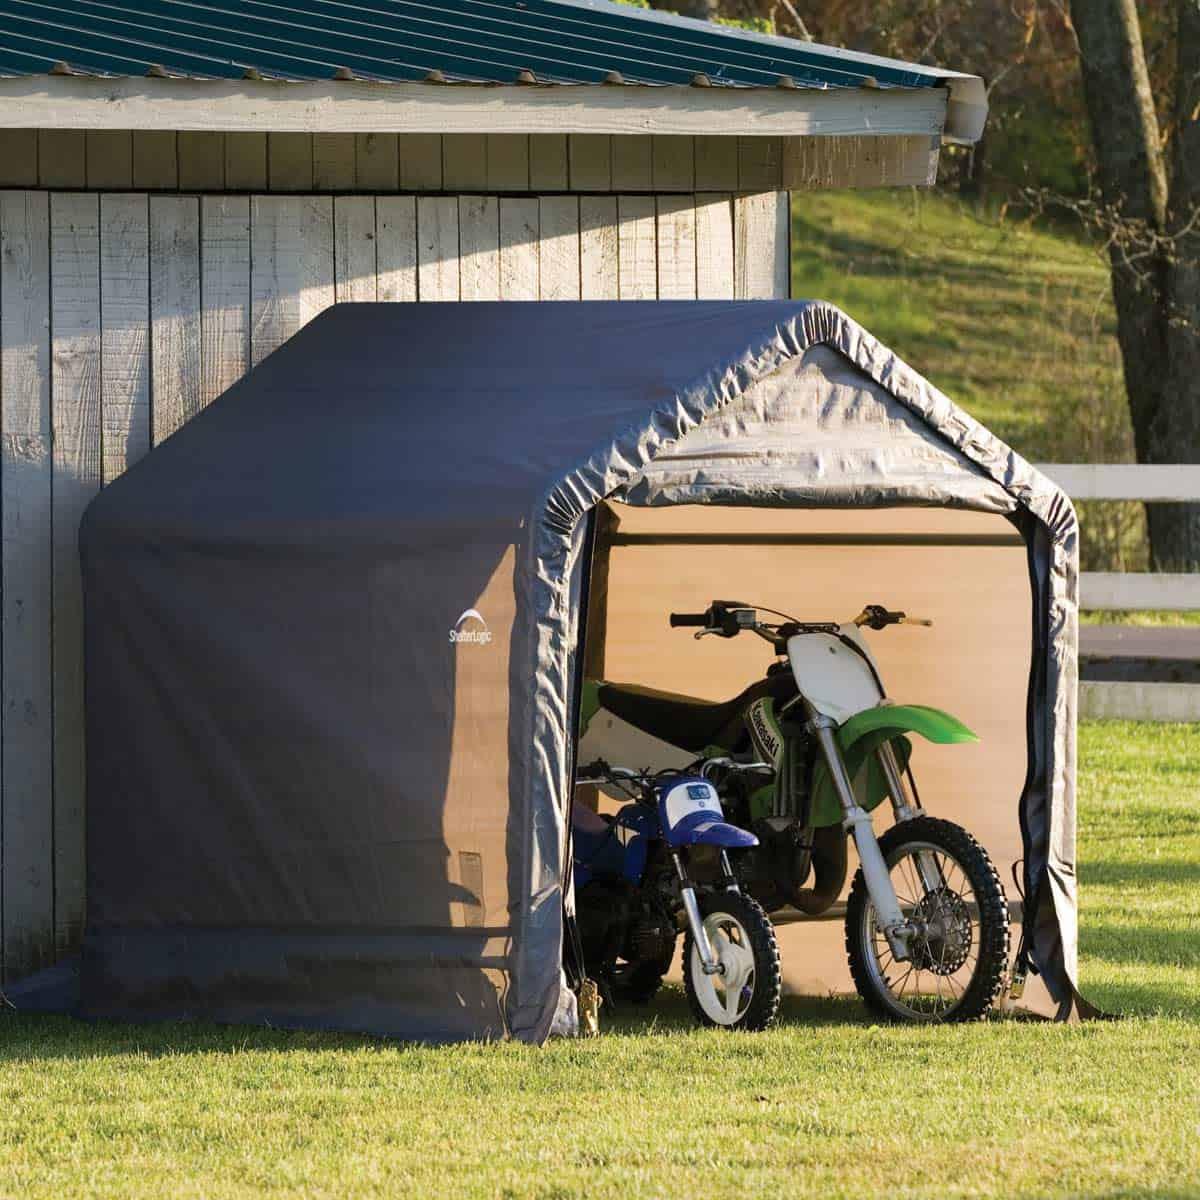 Abri De Jardin En Toile 3 24m2 De 1 8m X 1 8m Pour Abri Interieur Abri Moto Jardin Agencecormierdelauniere Com Agencecormierdelauniere Com